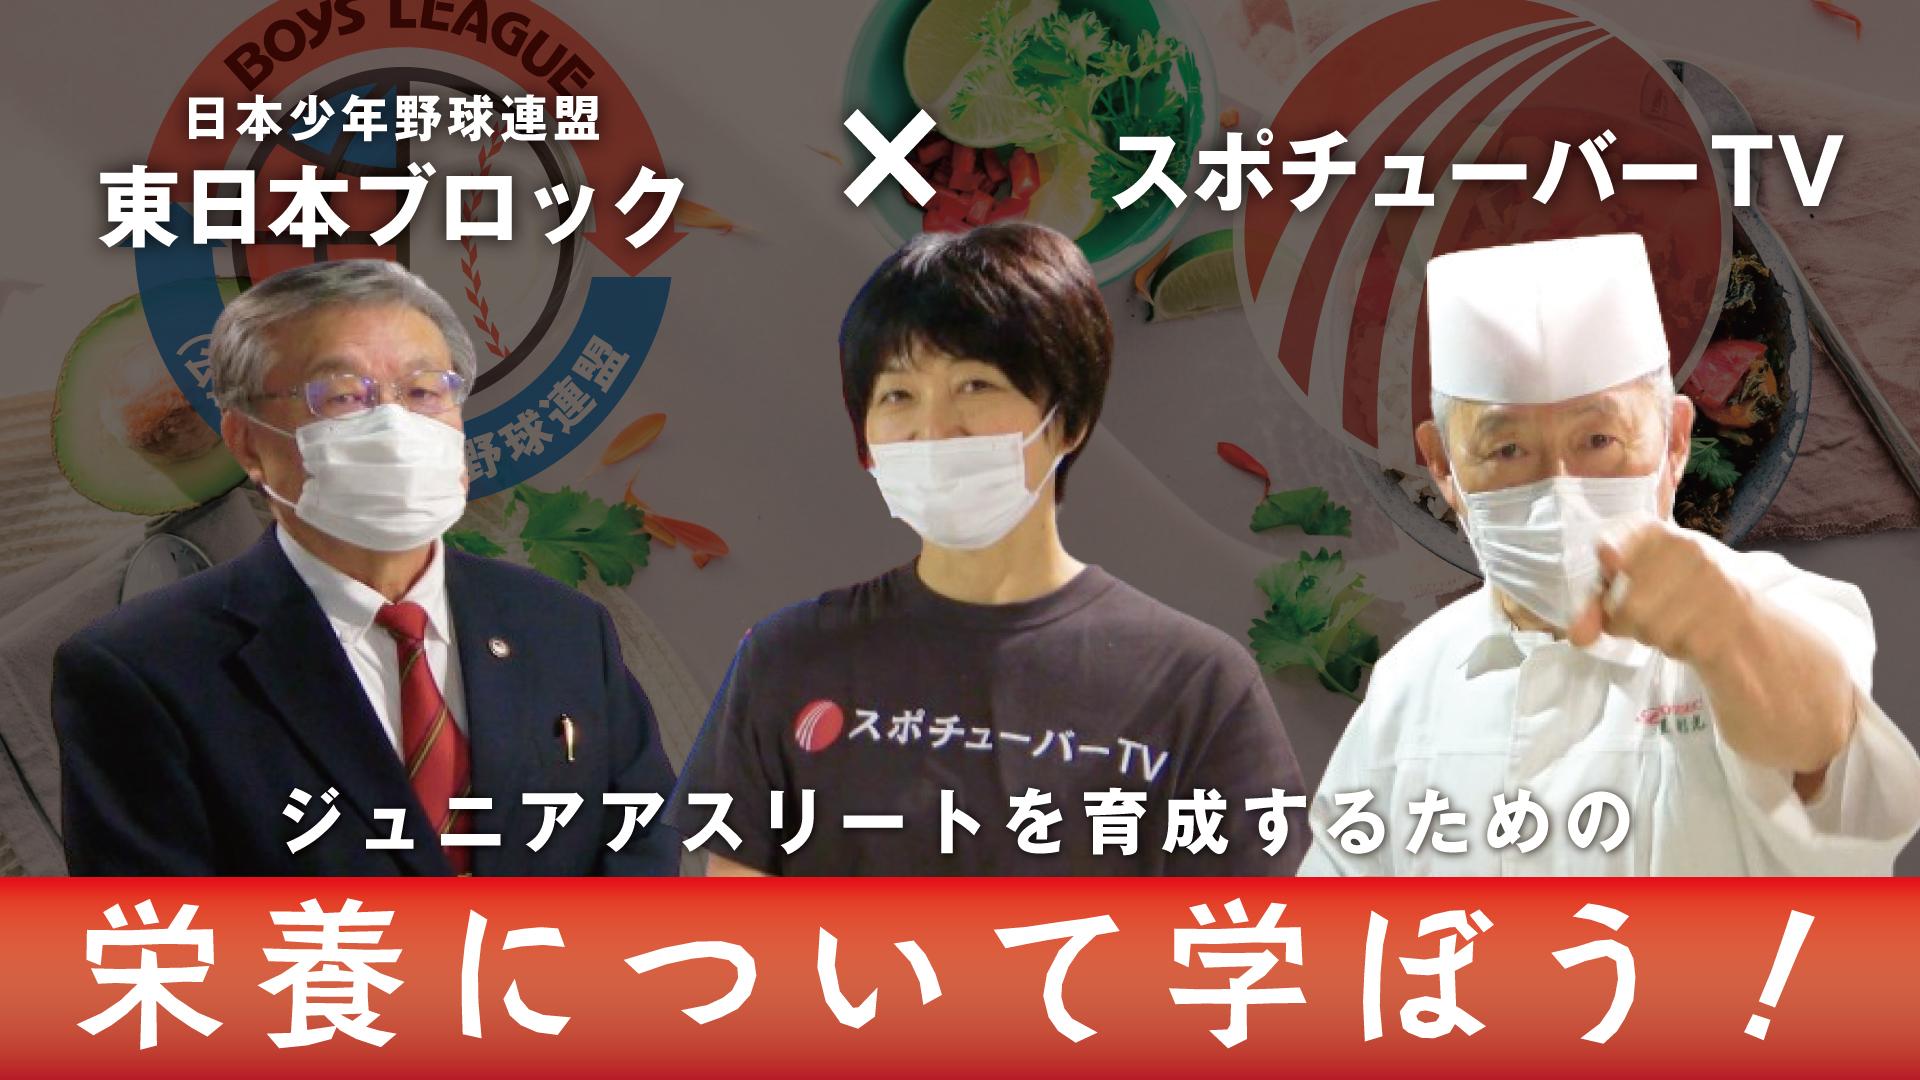 日本少年野球連盟タイアップ企画サムネイル